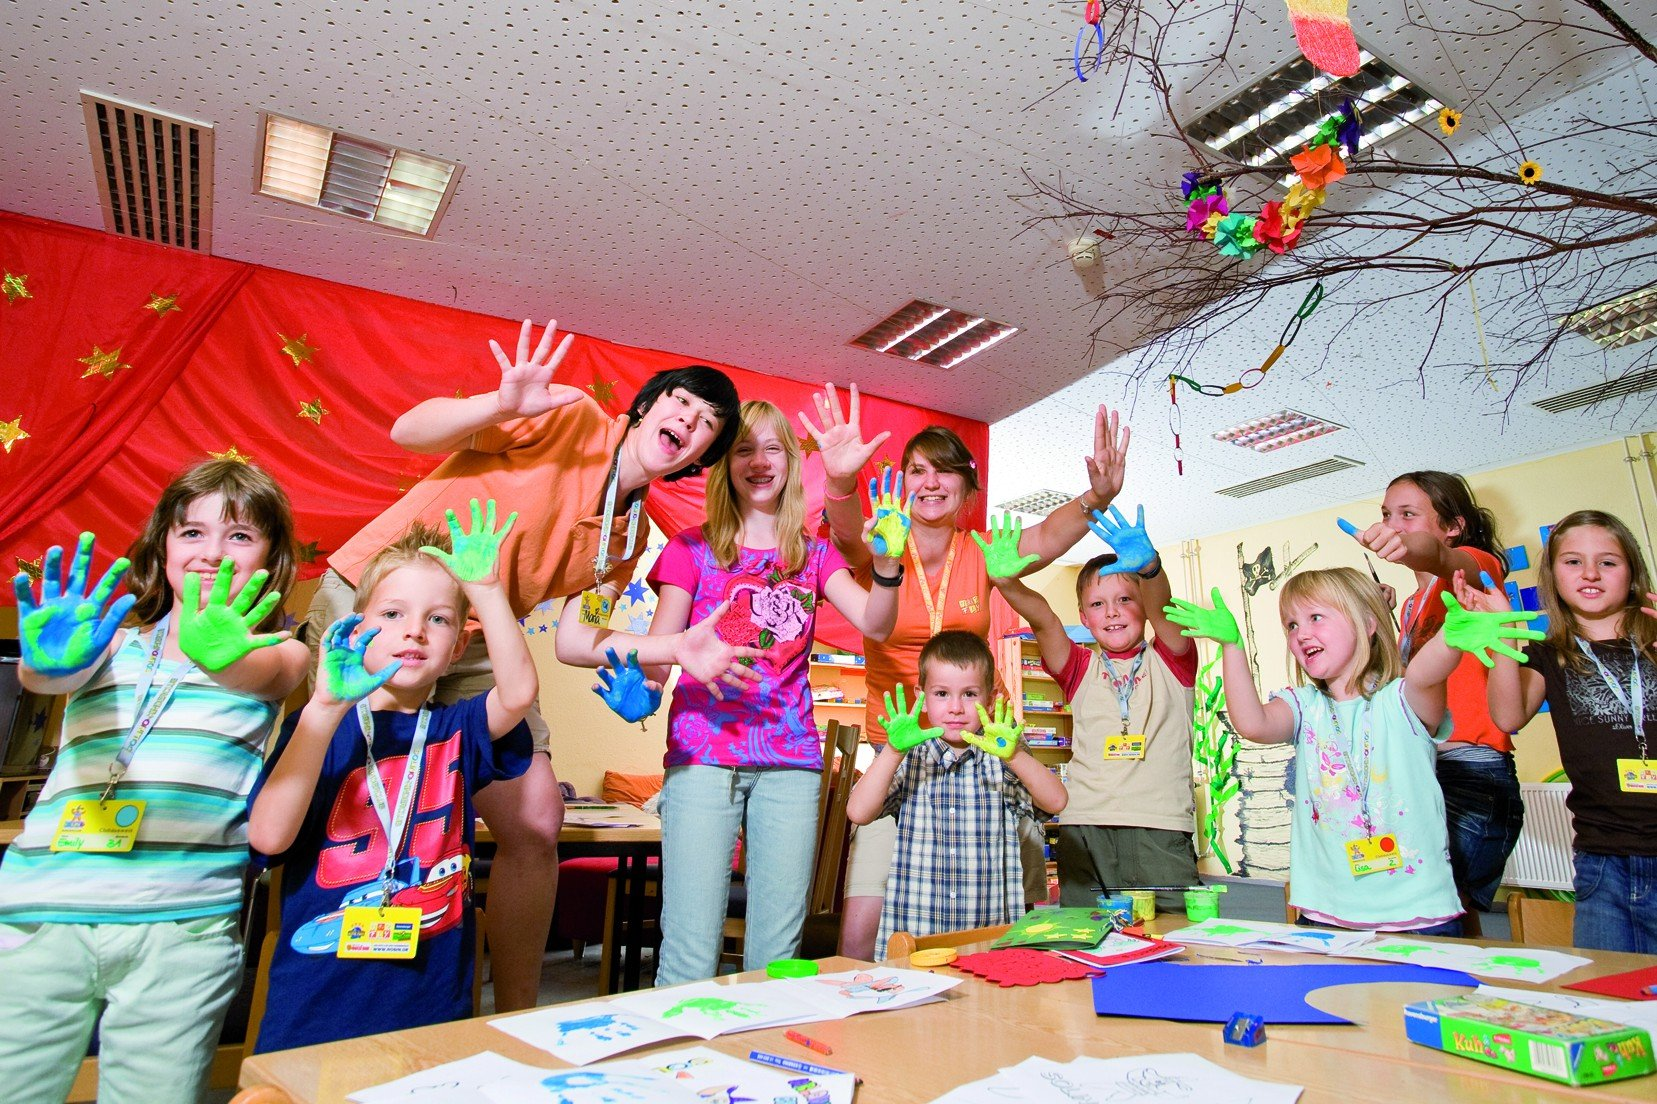 Sonnenwolfi-Kinderklub im Bayerischen Hof © Sonnenhotels